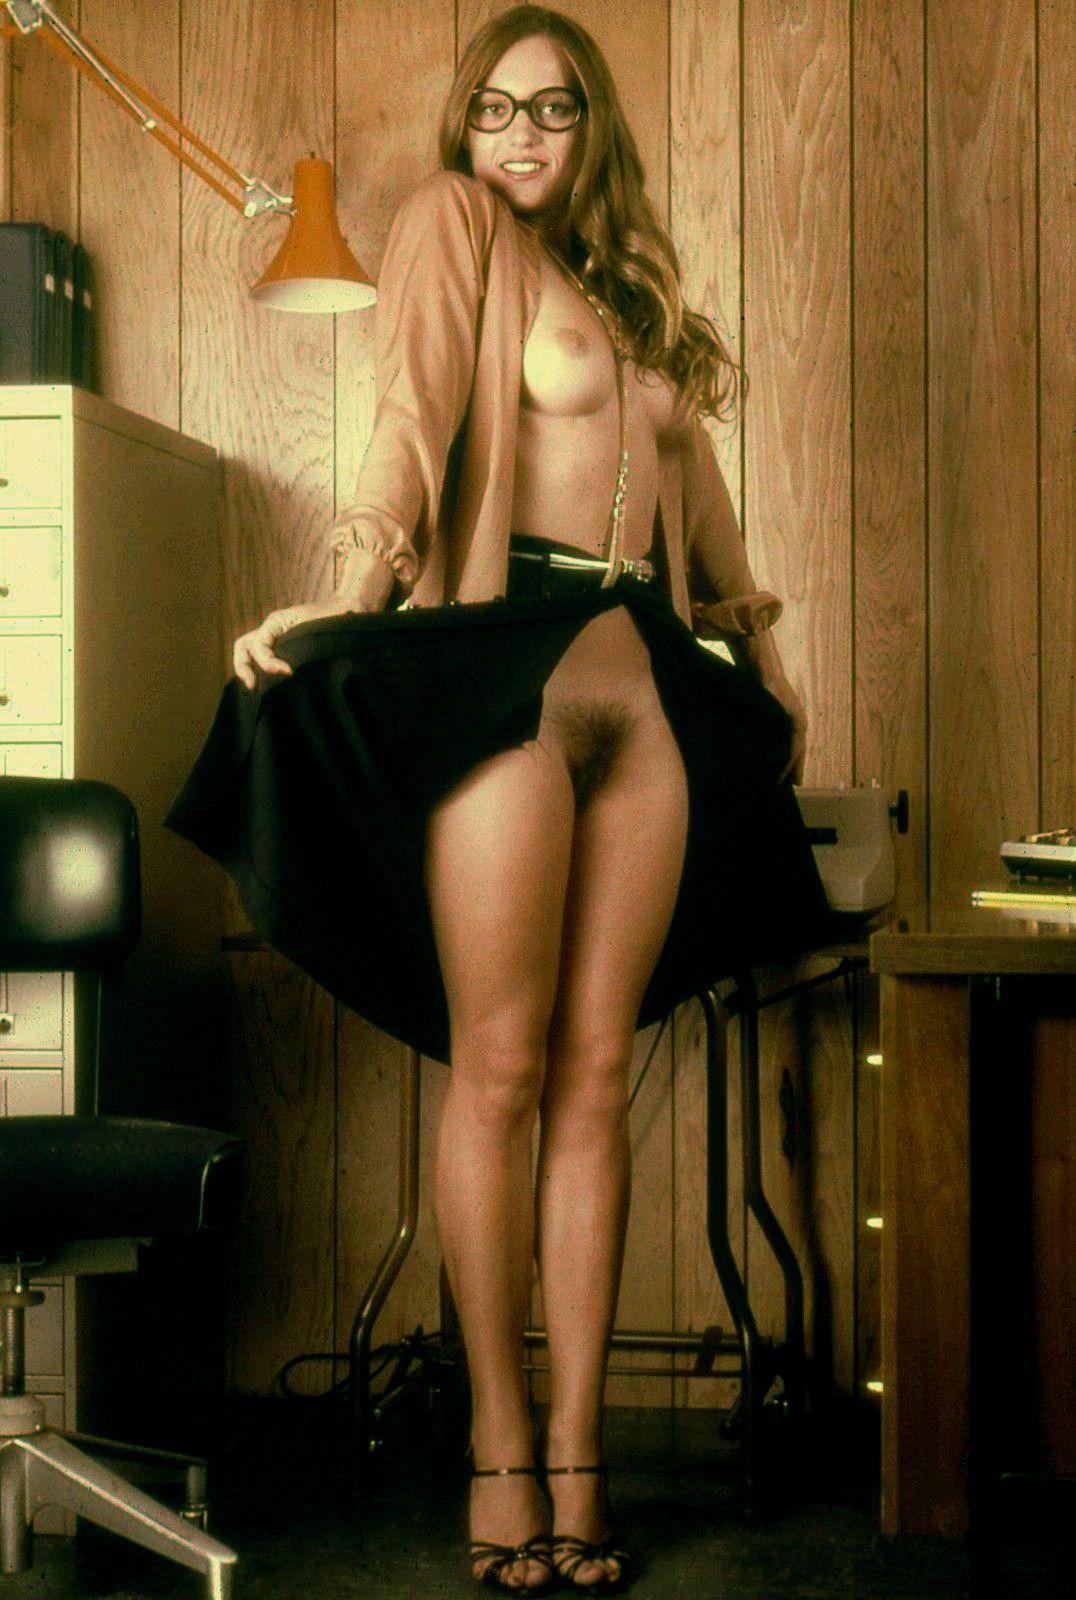 sexy girls legs and ass